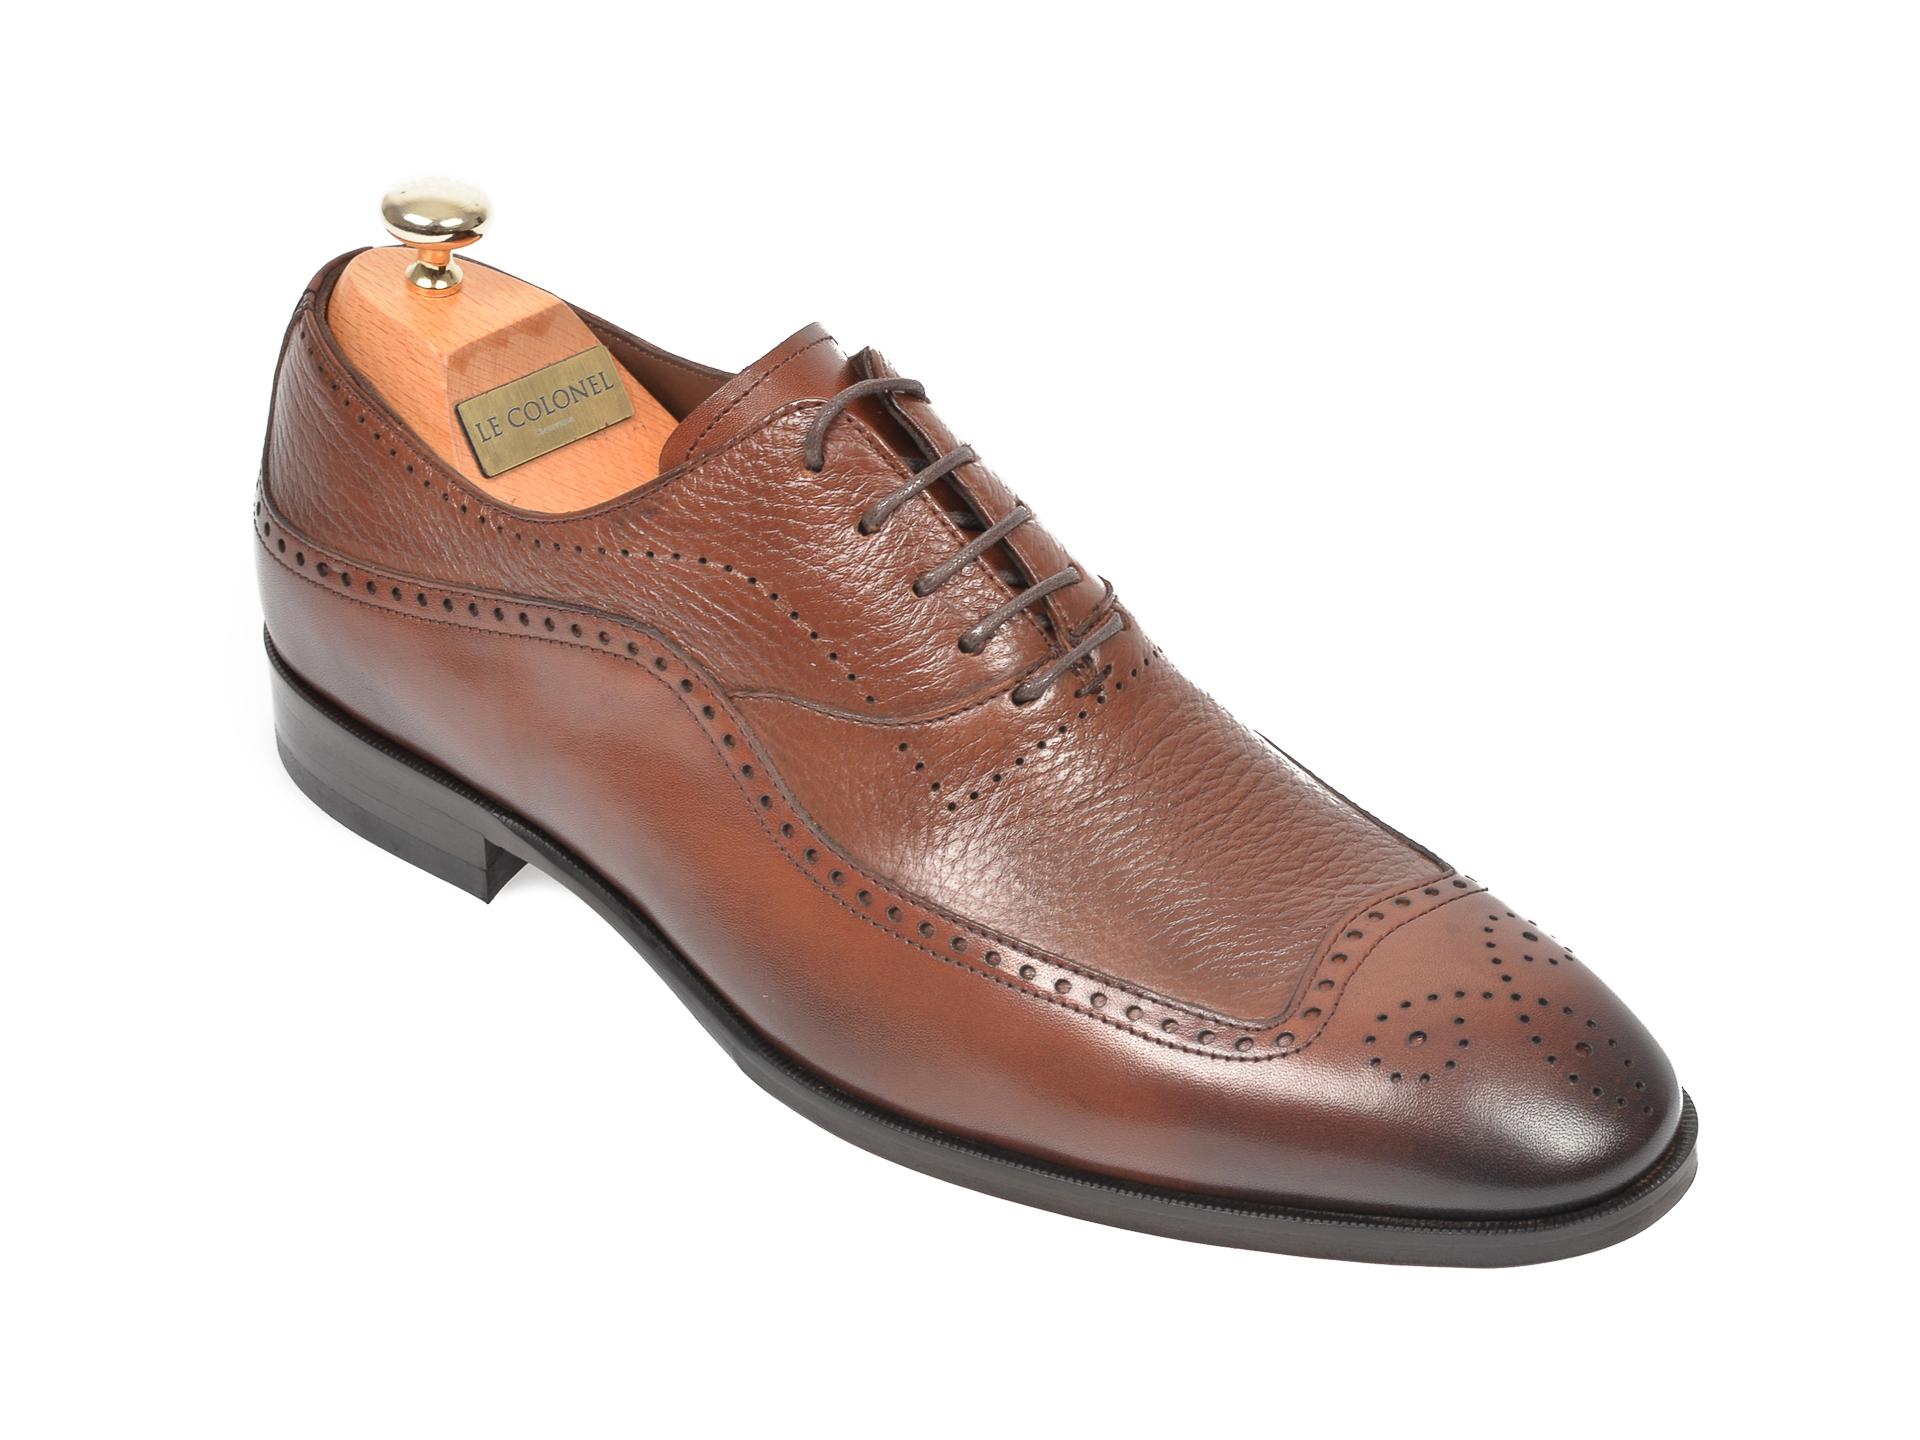 Pantofi LE COLONEL maro, 48741, din piele naturala imagine